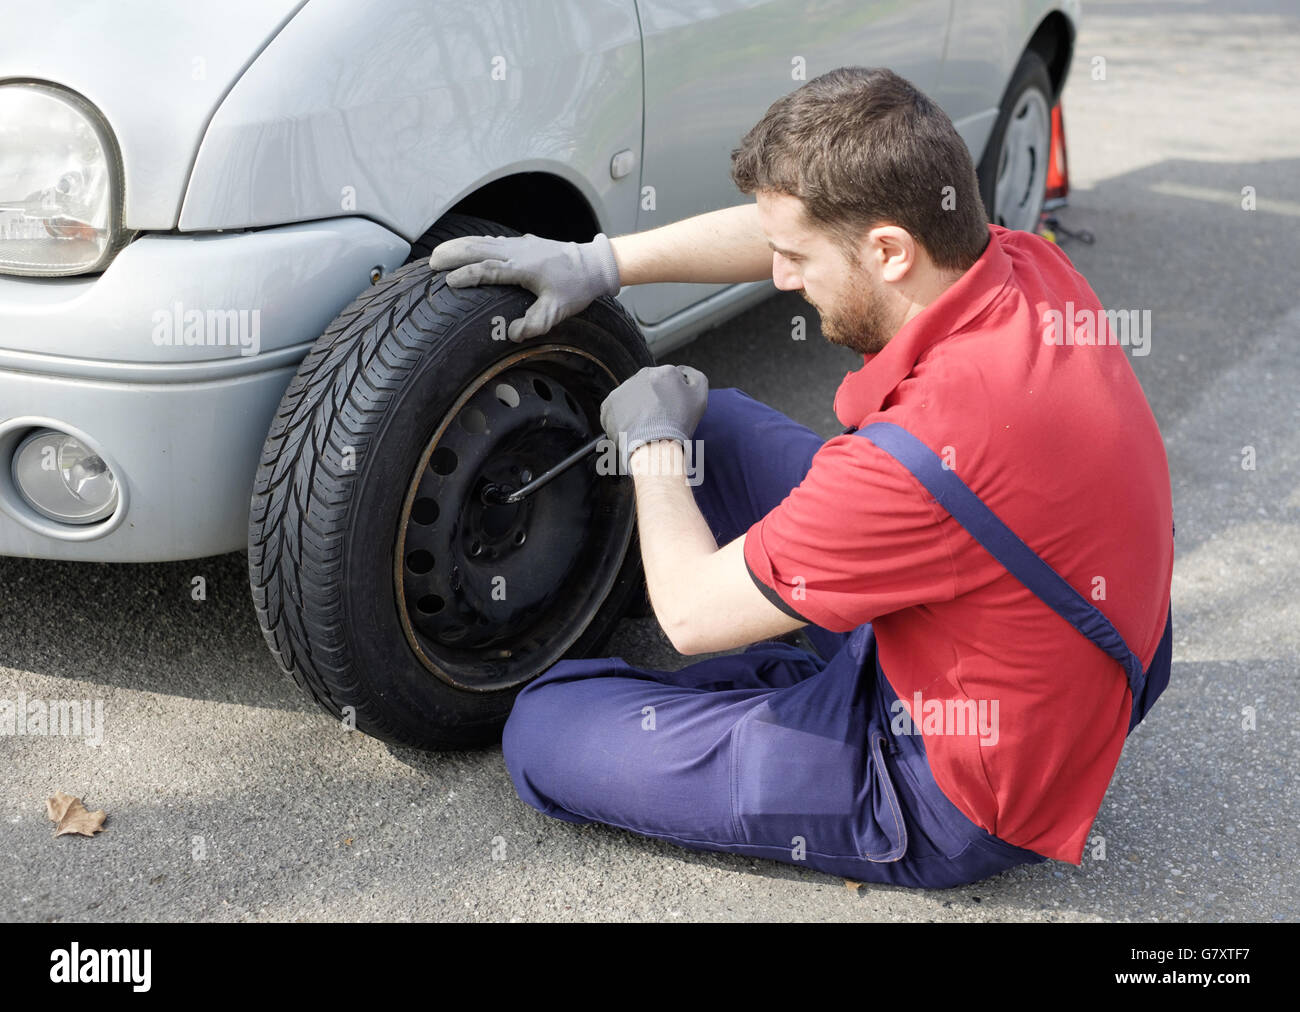 Il fissaggio meccanico di un problema alla vettura dopo un guasto che immobilizza il veicolo sulla strada Immagini Stock